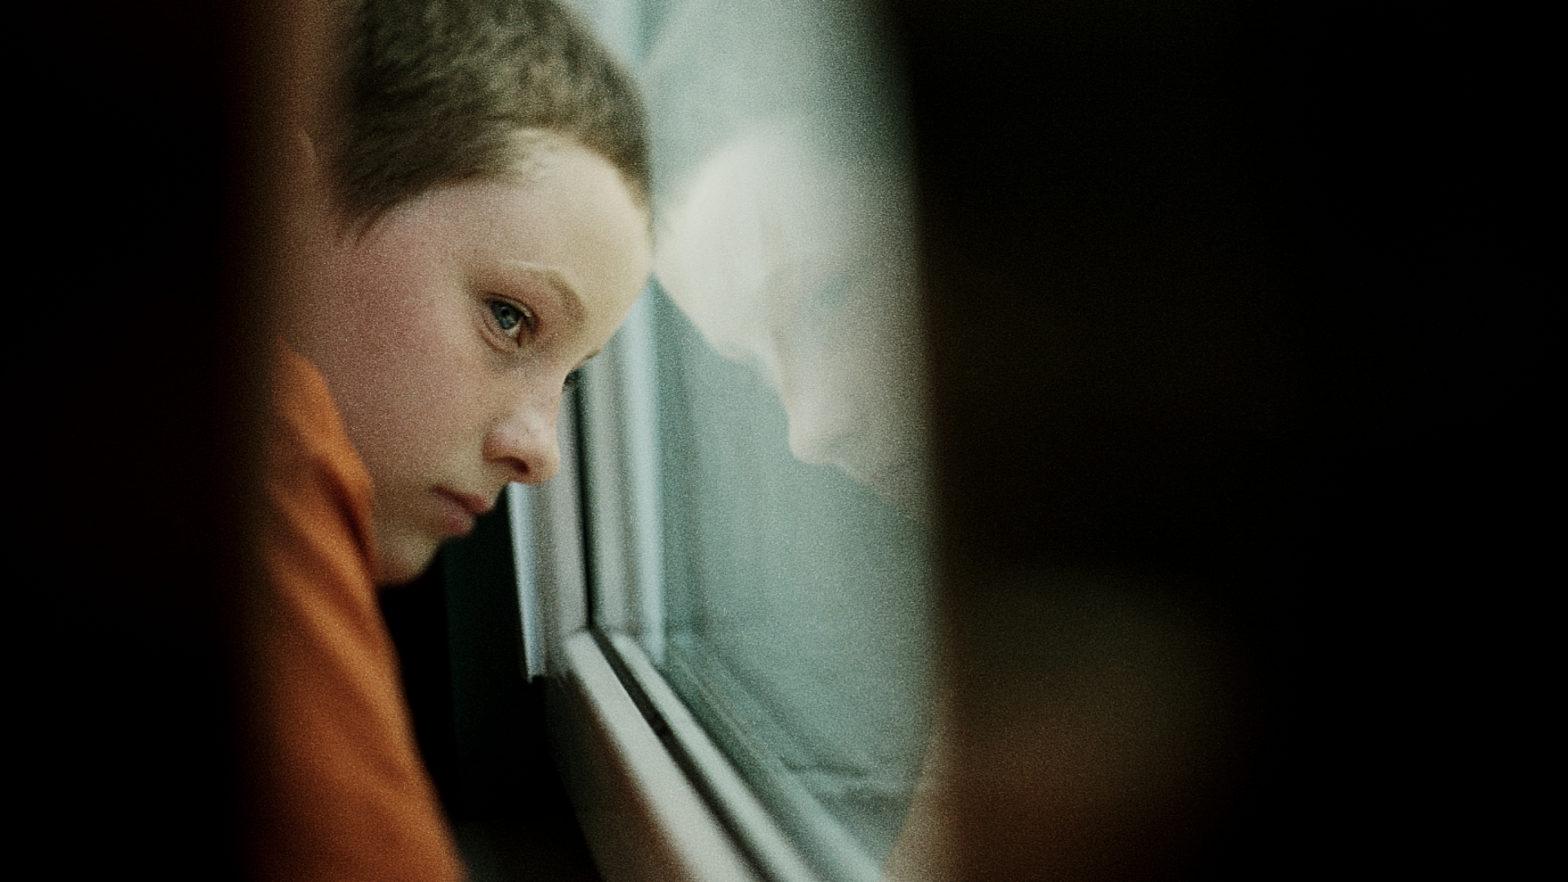 Chłopczyk nostalgicznie patrzy przez okno. W szybie odbija się jego twarz.